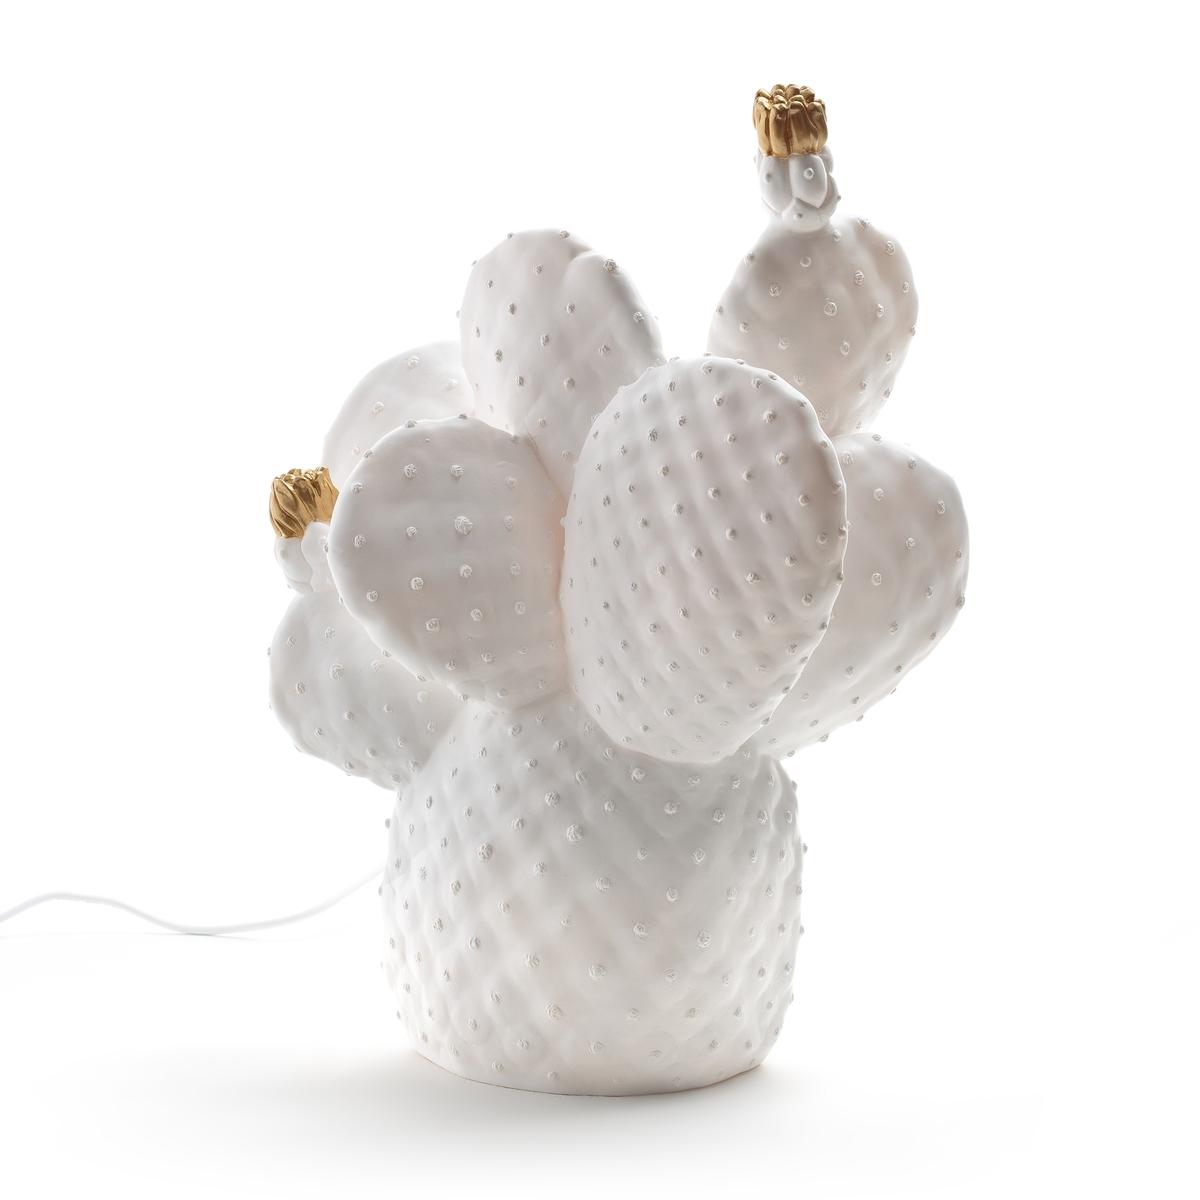 Ночник, The CactusНочник Cactus привнесет нотку экзотики в ваш декор. Эта светодиодная лампа с забавным дизайном не нагревается и идеальна в качестве ночника в детской комнате или как декоративный осветительный прибор. Каждая деталь отлита и покрашена вручную, что делает лампу уникальной. Сделано в Европе.Характеристики : - Винил, устойчивый к ударам- Светодиодная лампа в комплекте- Низкое энергопотребление и продолжительный срок службы благодаря светодиодной технологии (более 50 000 часов)- Мощность : 2,5 Вт- Световой поток    : 150 люмен- Напряжение   : 12 В- Работает при напряжении 100-240 В- Имеется модель зеленого и белого цветовРазмеры :- Ш.17 x В.38 x Г.28 см<br><br>Цвет: белый,зеленый